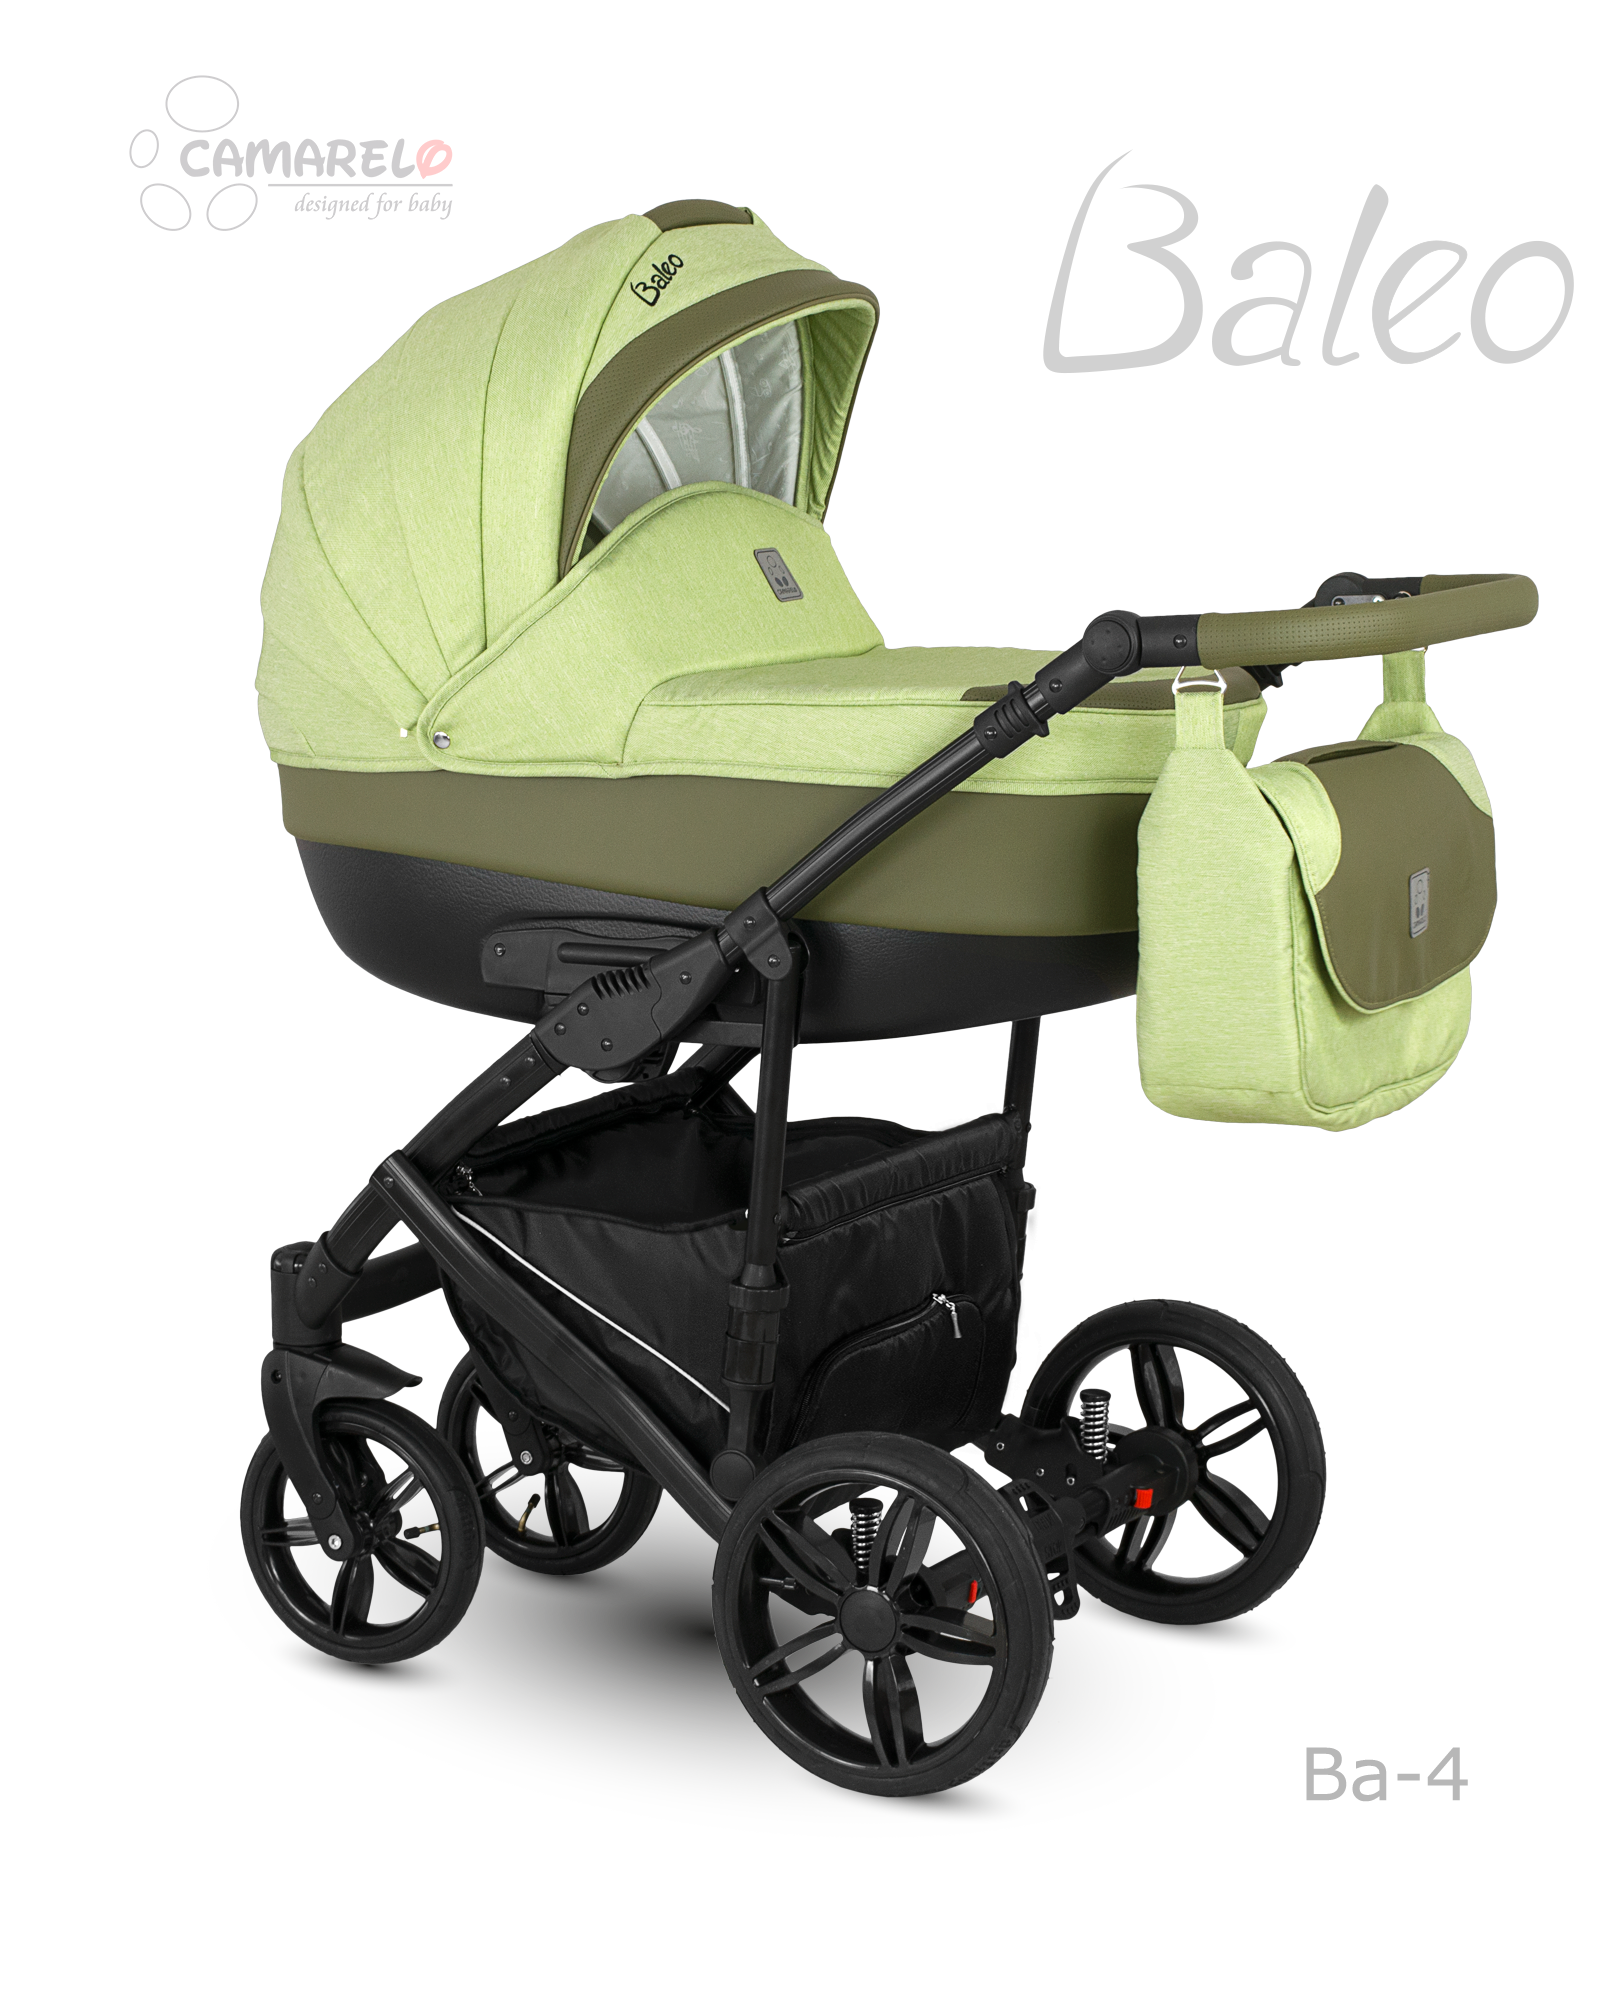 Baleo-Ba04a